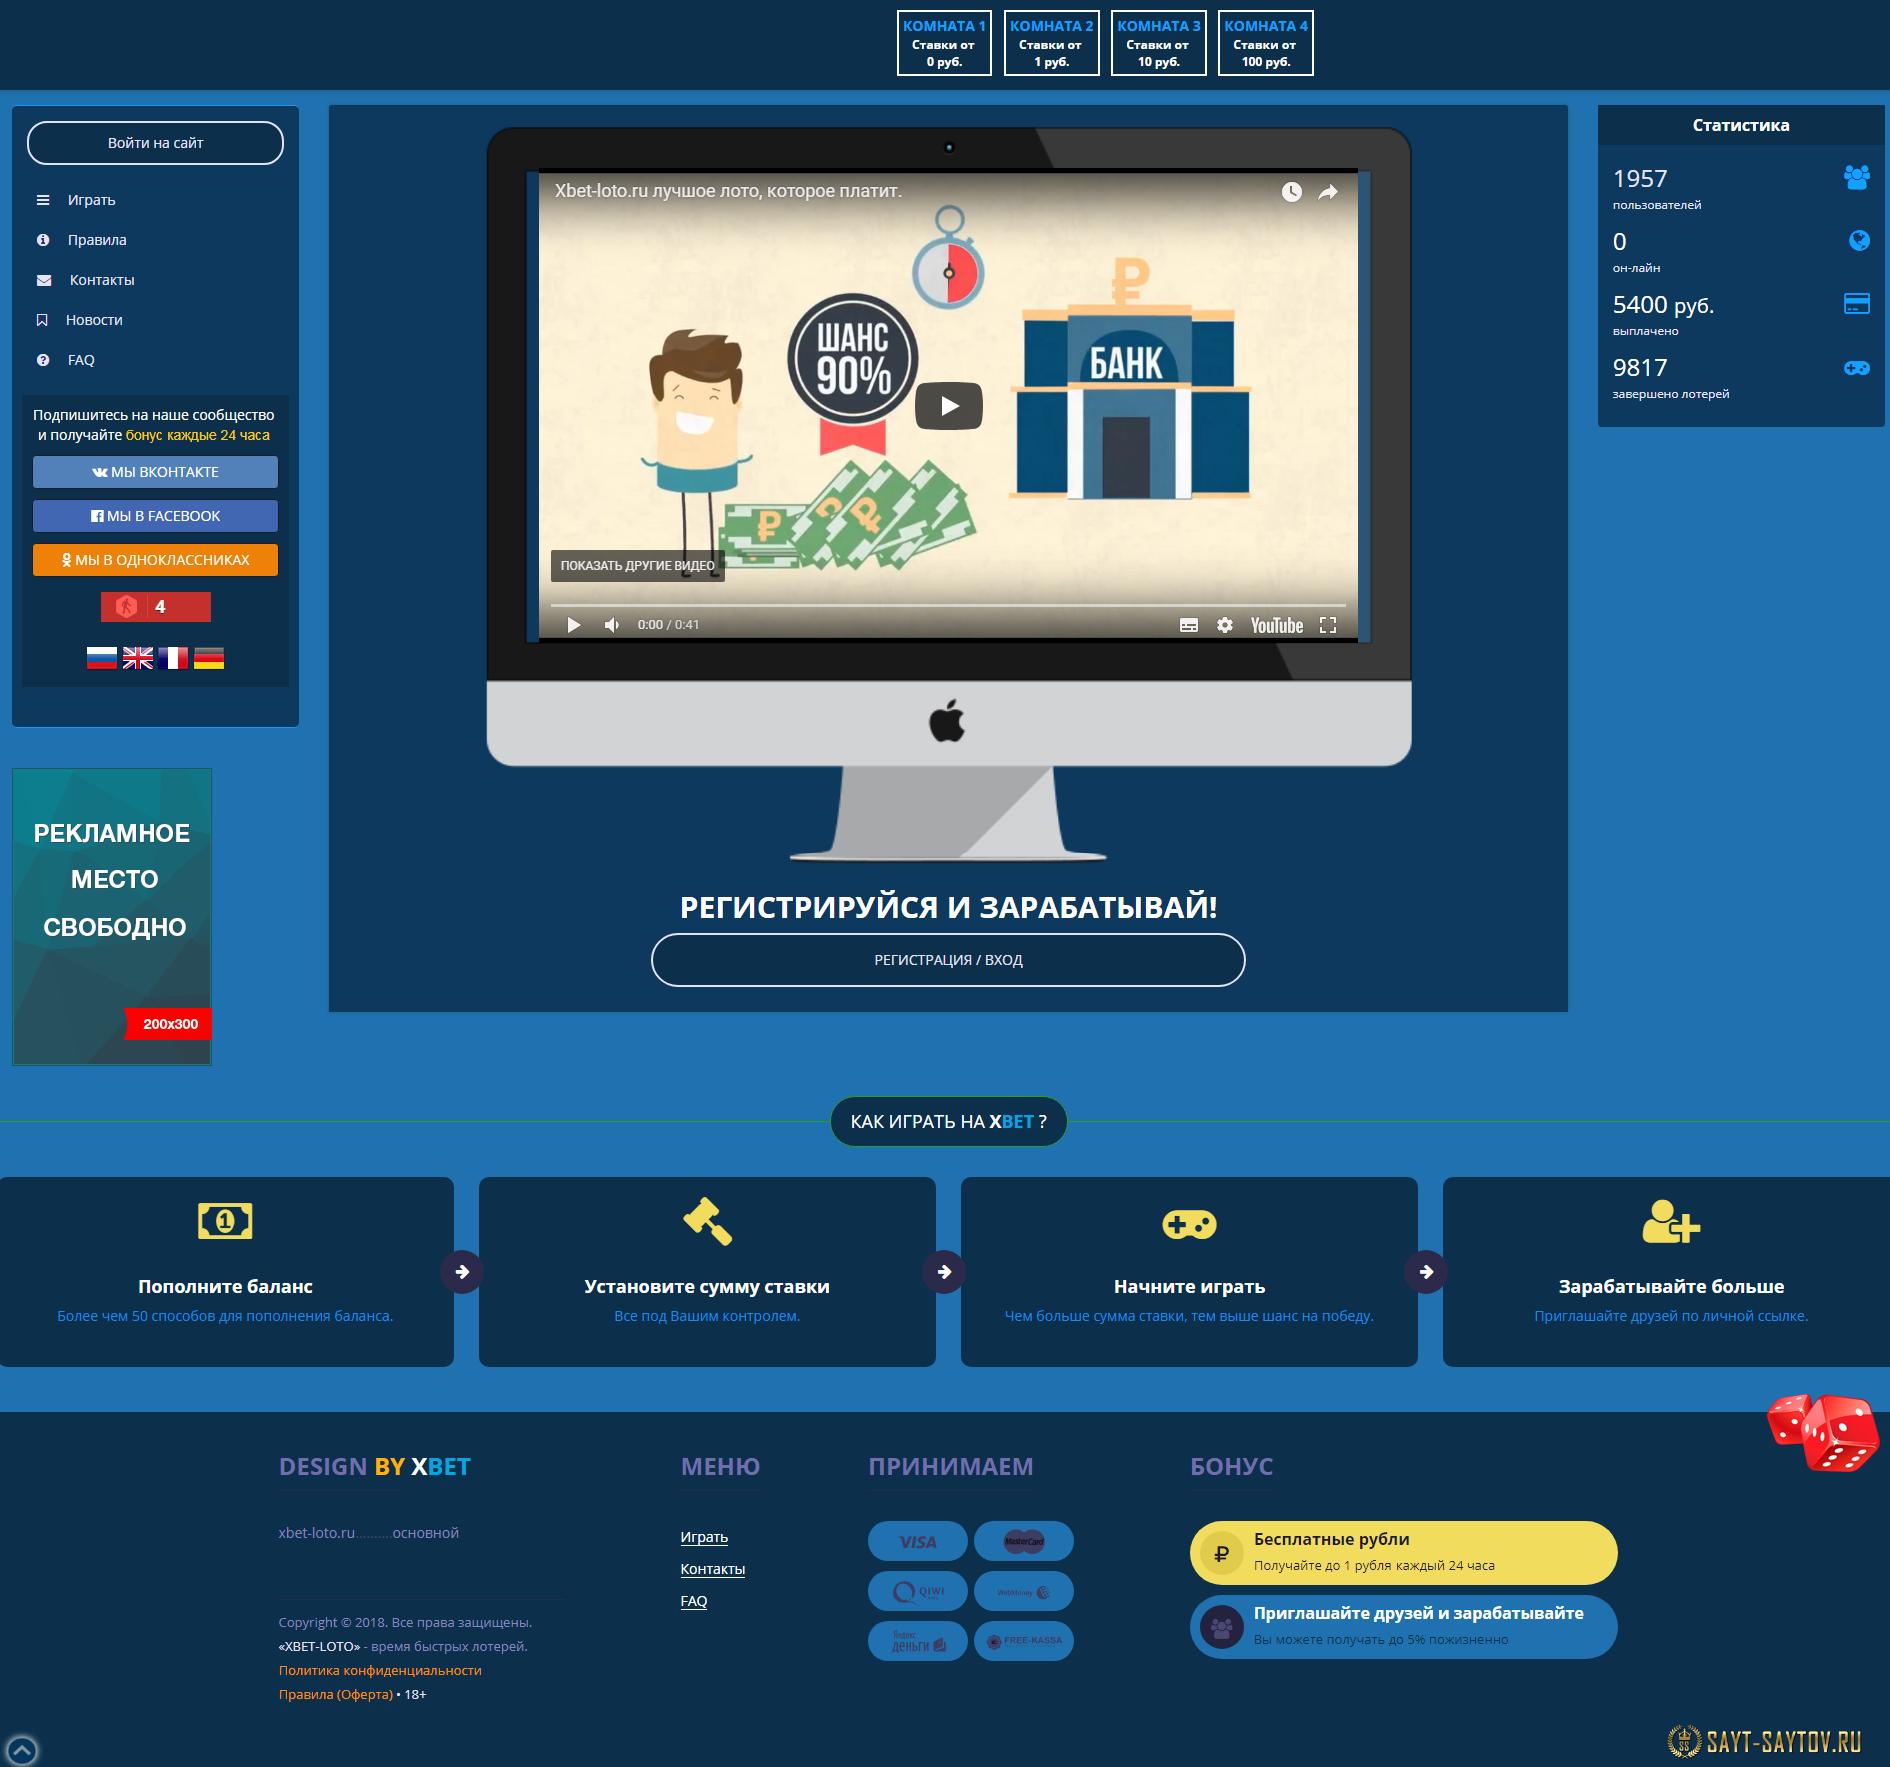 Скачать бесплатно скрипт биткоин казино как выиграть в онлайн рулетка